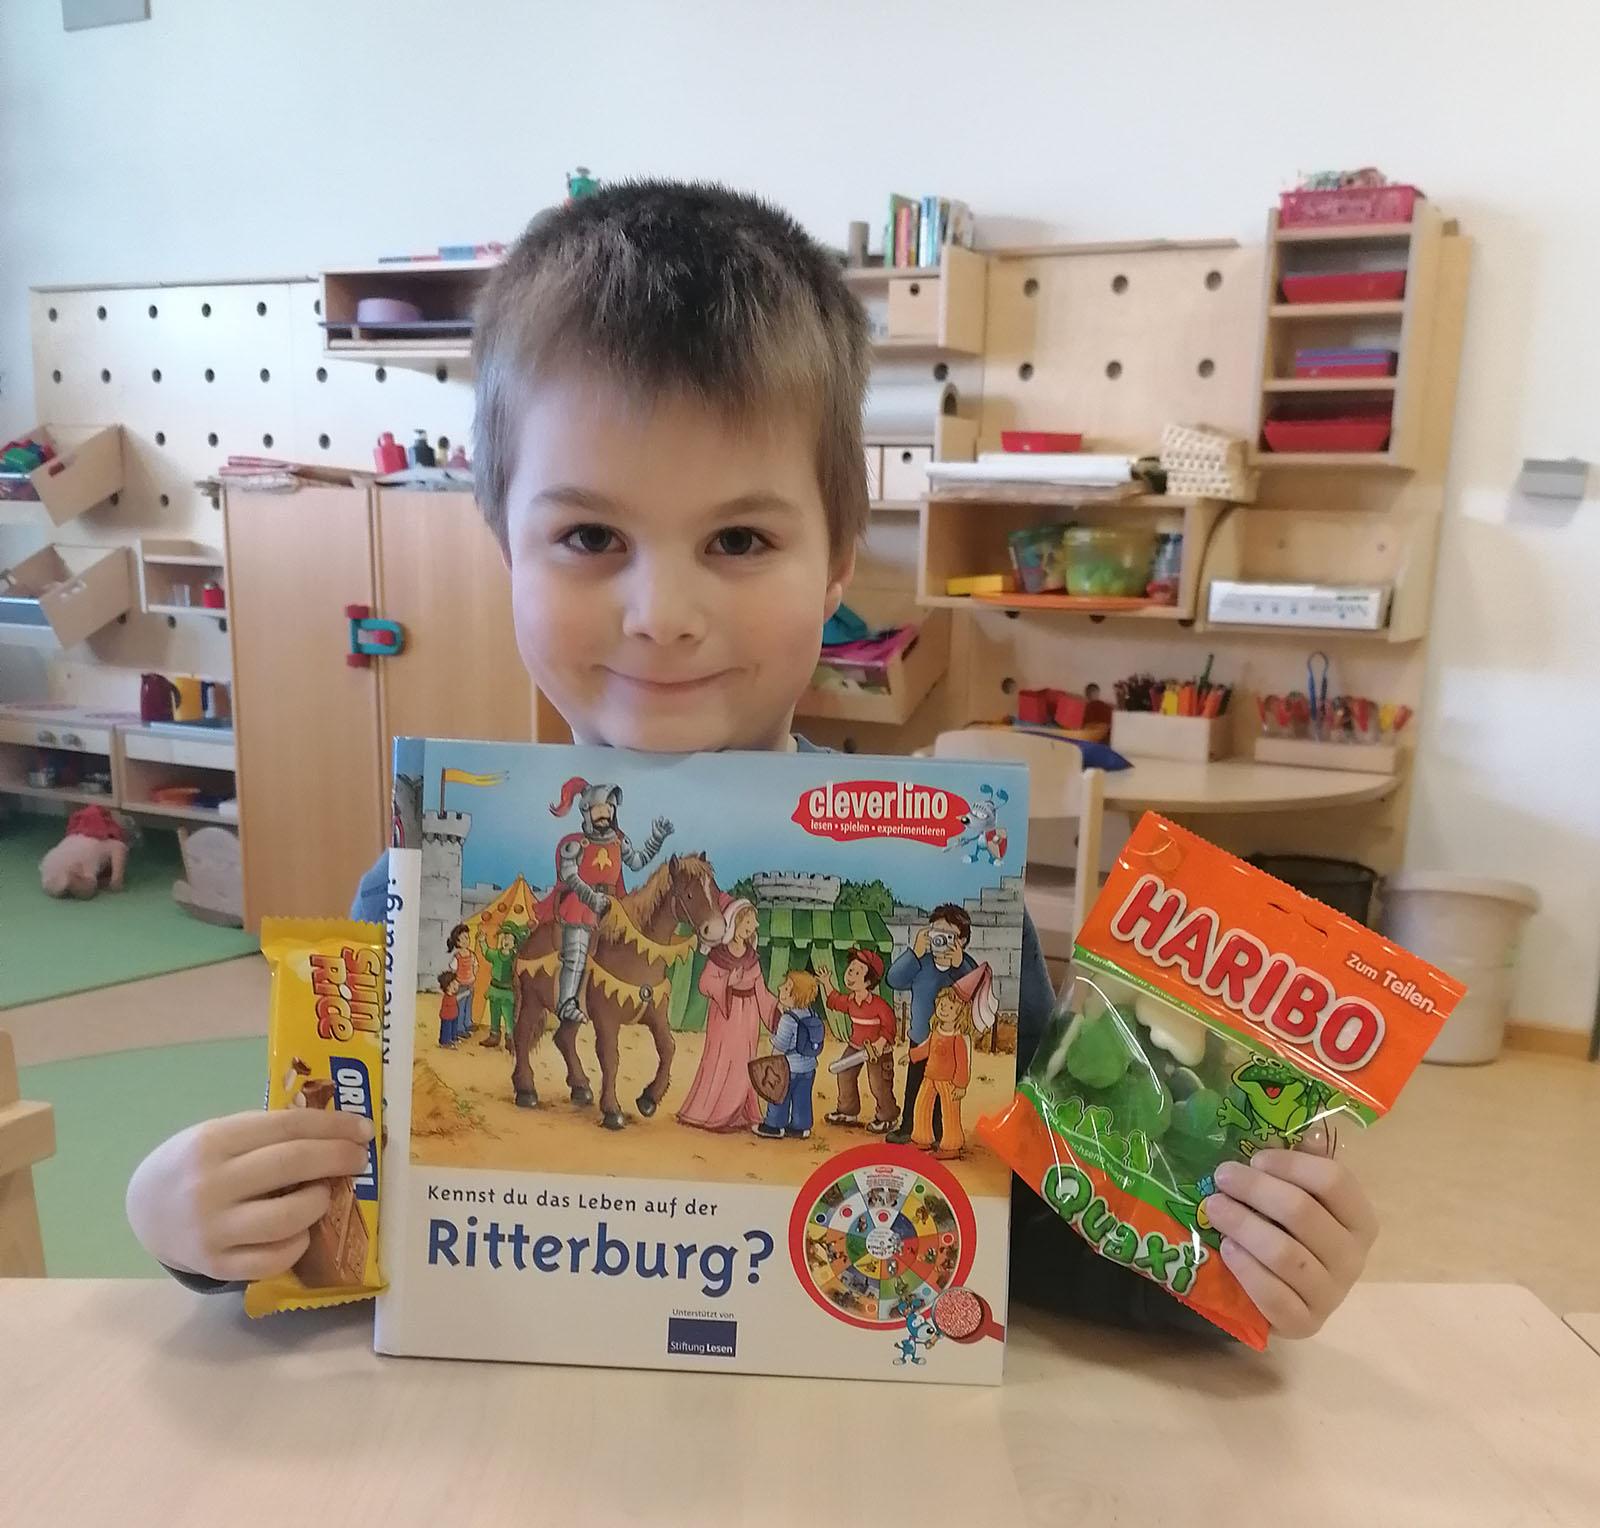 Neun unserer Kinder der Heilpädagogischen Tagesstätte haben tolle Bilder gemalt und Preise gewonnen!